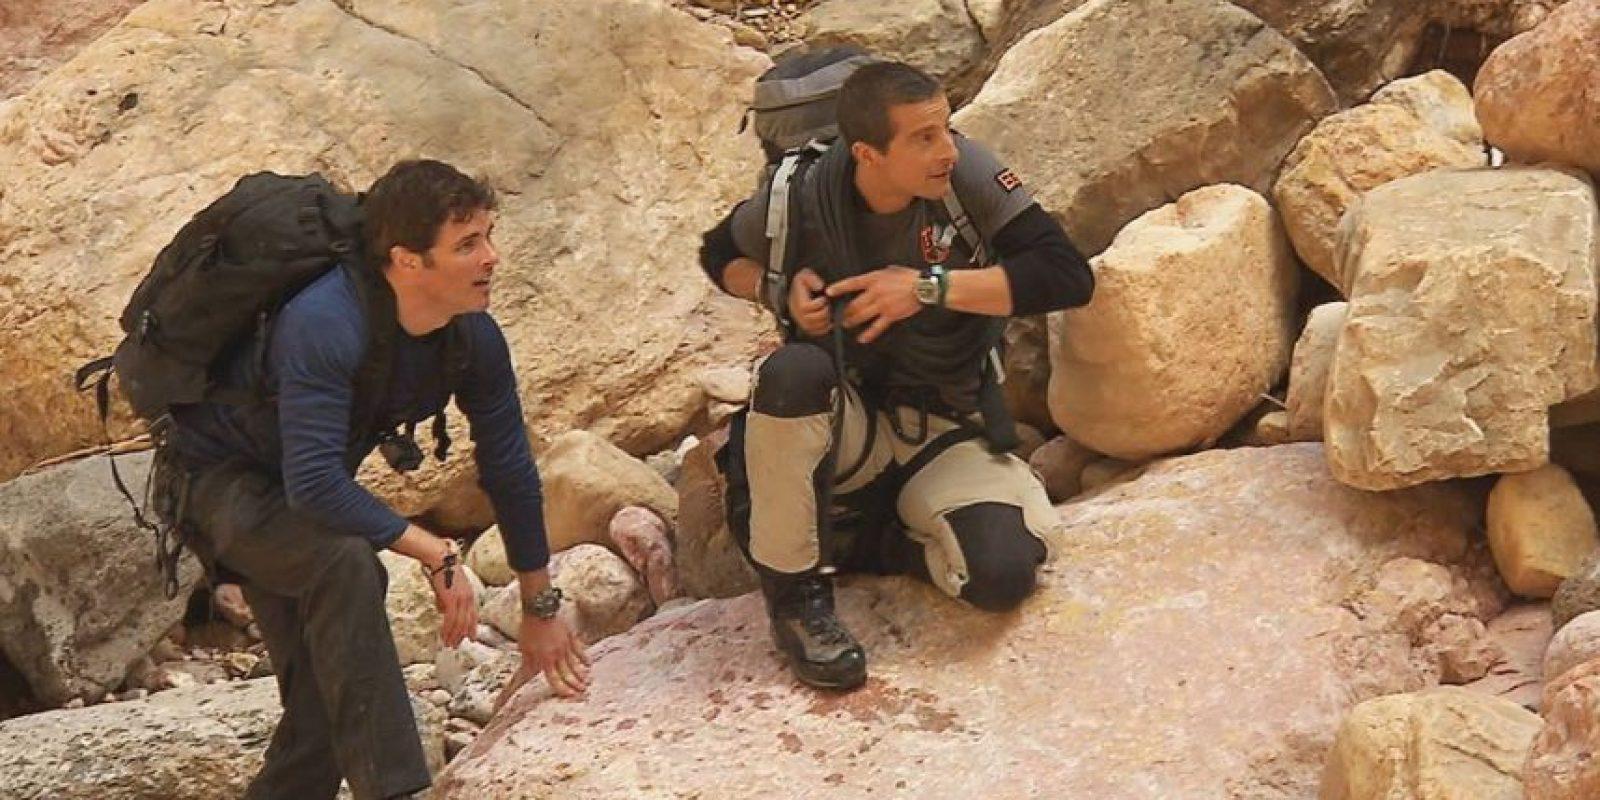 La primera temporada comenzó el 28 de julio de 2014 y terminó el 8 de septiembre de 2014. Foto:Vía facebook.com/NBCRunningWild